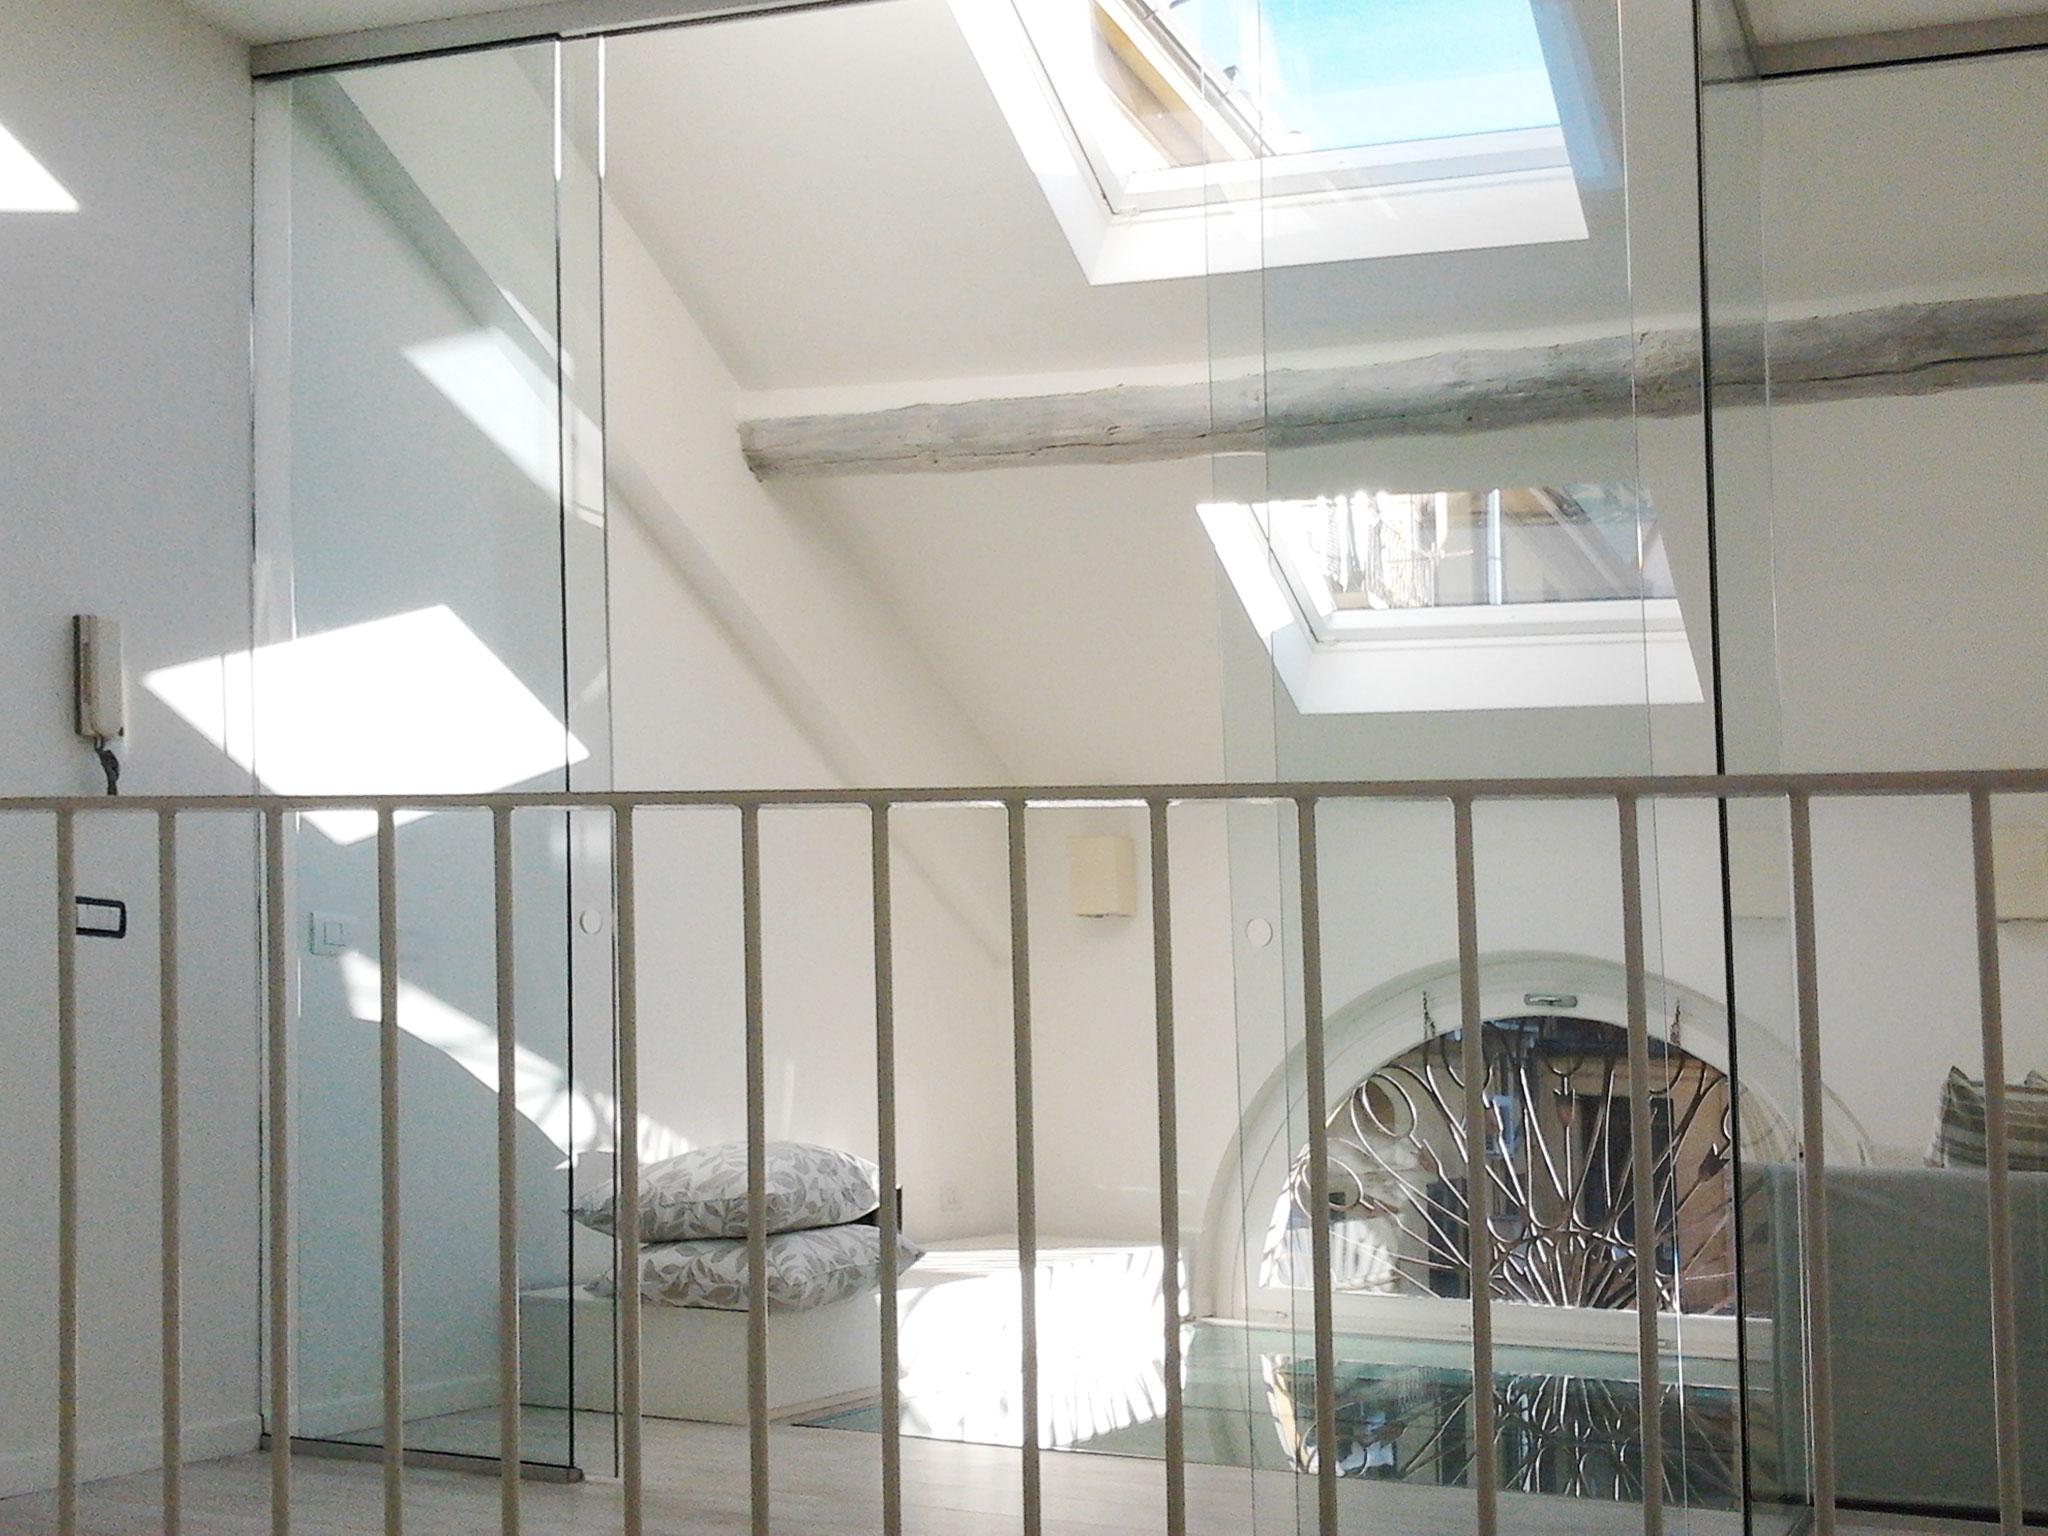 3. Mansarda ambiente studio con divisorio in lastre di vetro ad ante scorrevoli, ringhiera di protezione in metallo e pavimento calpestabile con vetro stratificato: lavori ultimati.